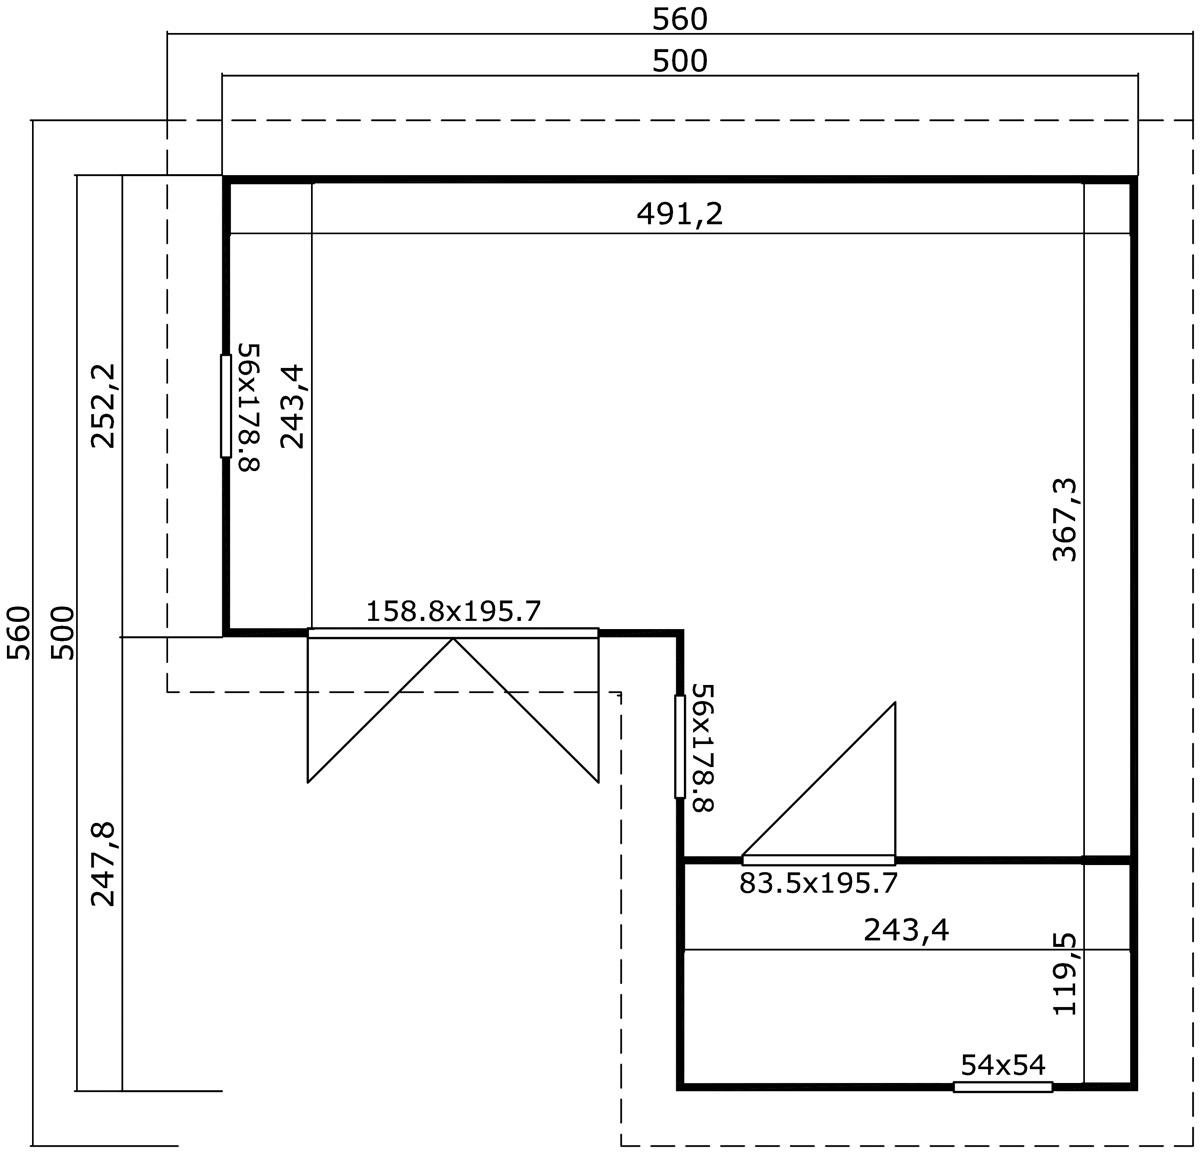 dachpappe verkleben dachpappe und bitumenschwei bahn selber verlegen dachpappe verkleben drei. Black Bedroom Furniture Sets. Home Design Ideas